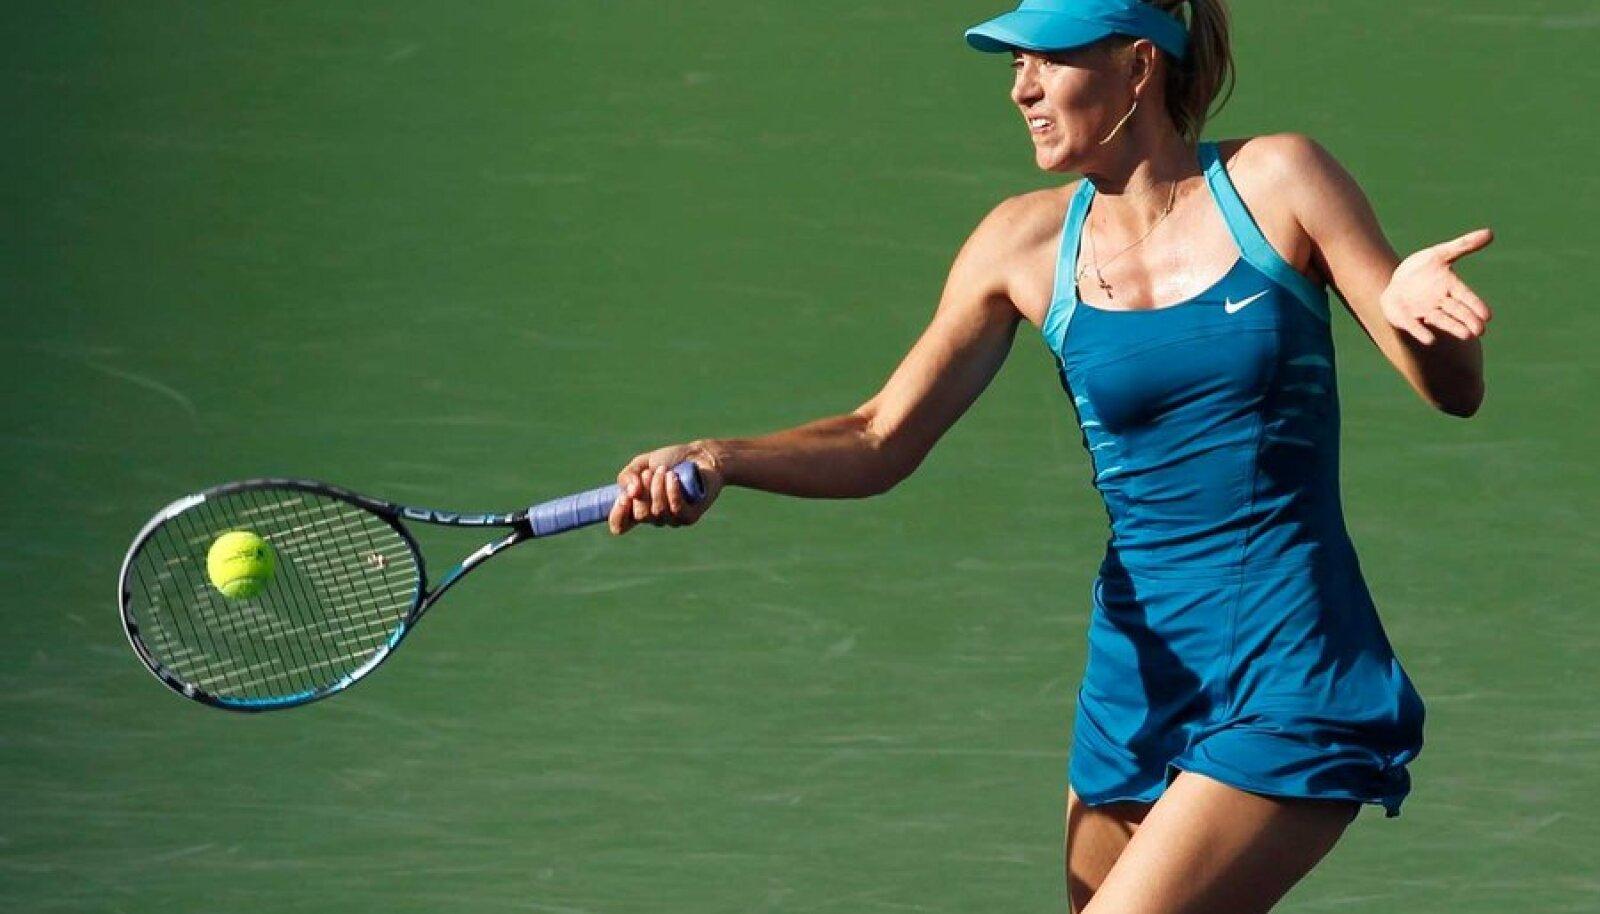 Treenerid enamasti rambivalgusesse ei jõua – Maria Šarapova treeneriks on Thomas Högstedt, kes mullu käis nõustamas ka Eesti tenniselootust Anett Kontaveiti.